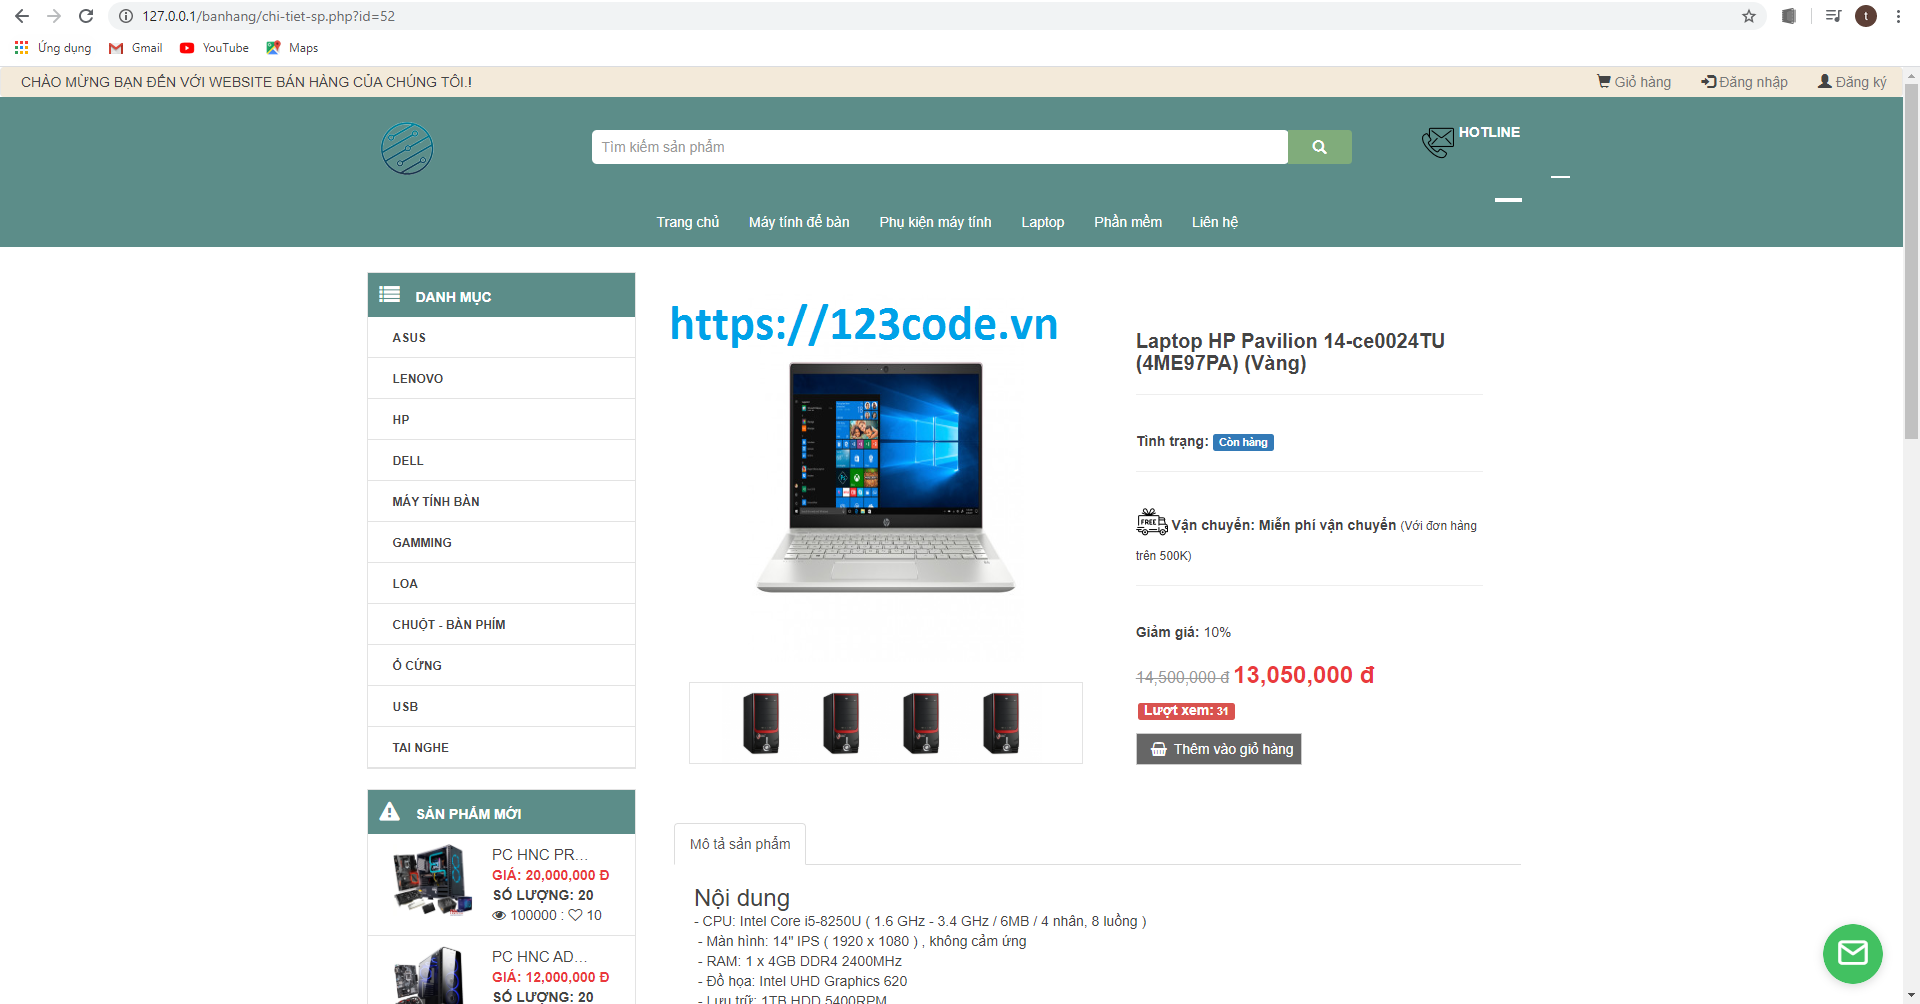 Tải source code website bán hàng máy tính php thuần có báo cáo